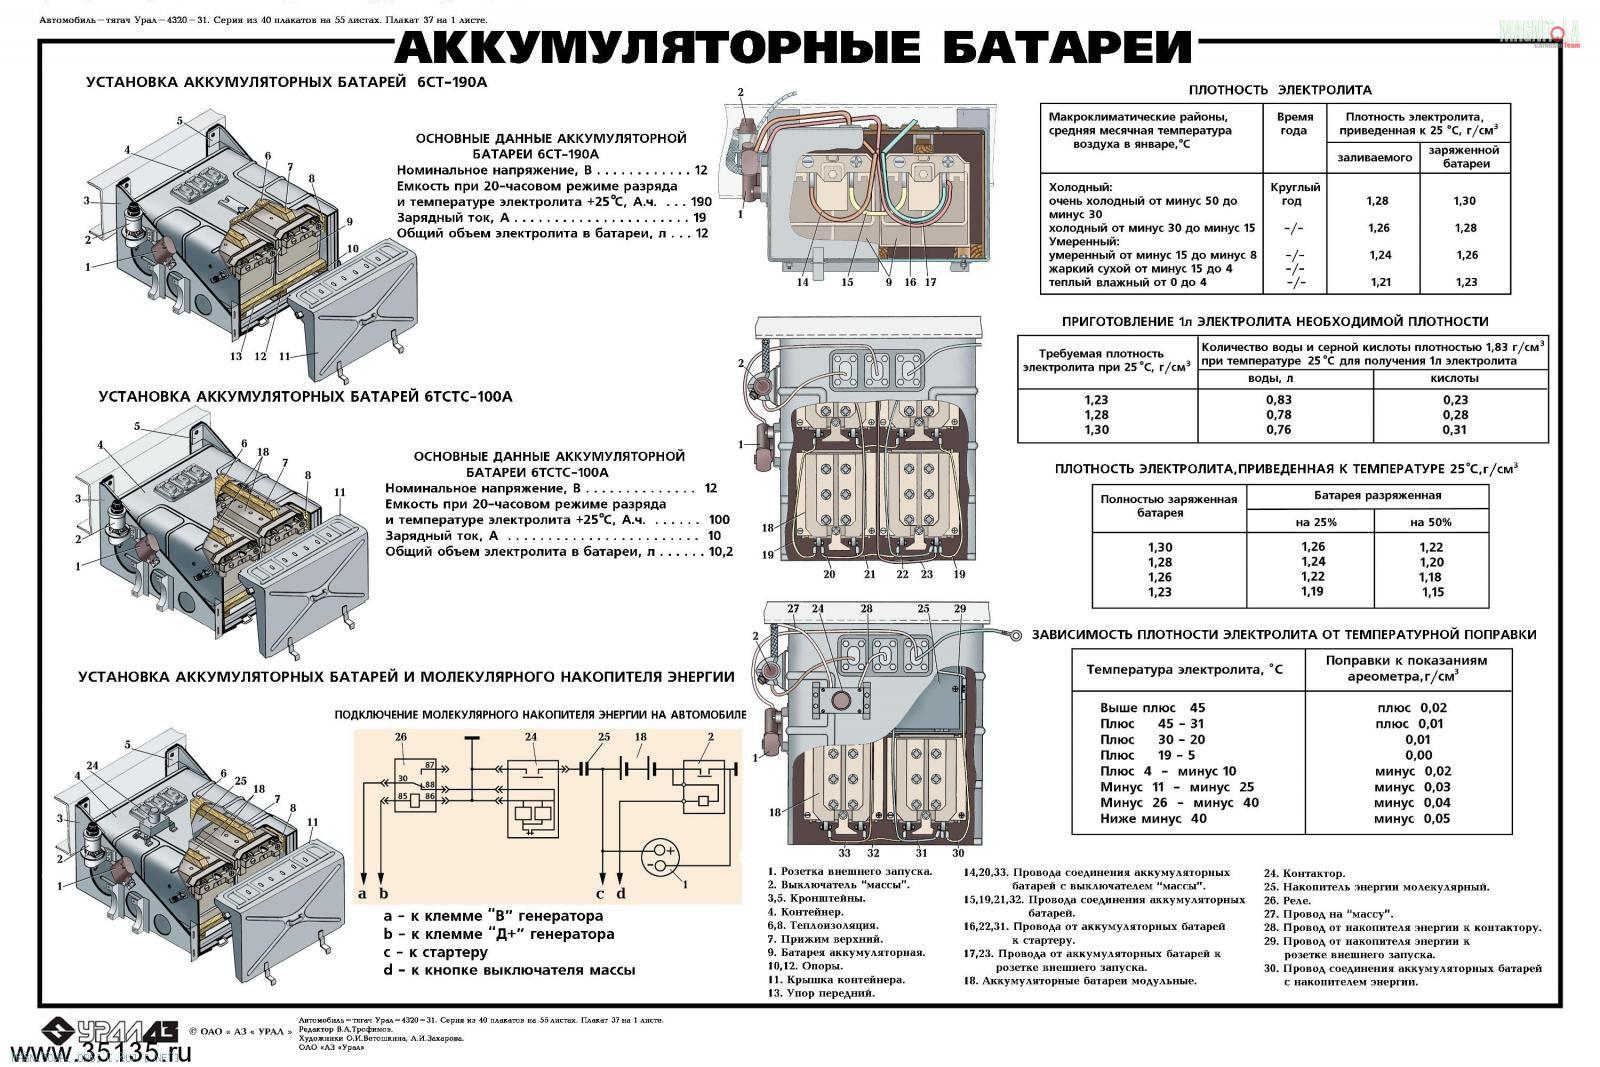 Нажмите на изображение для увеличения Название: 37_akkumulyatornye_batarei.jpg Просмотров: 0 Размер:311.1 Кб ID:153621